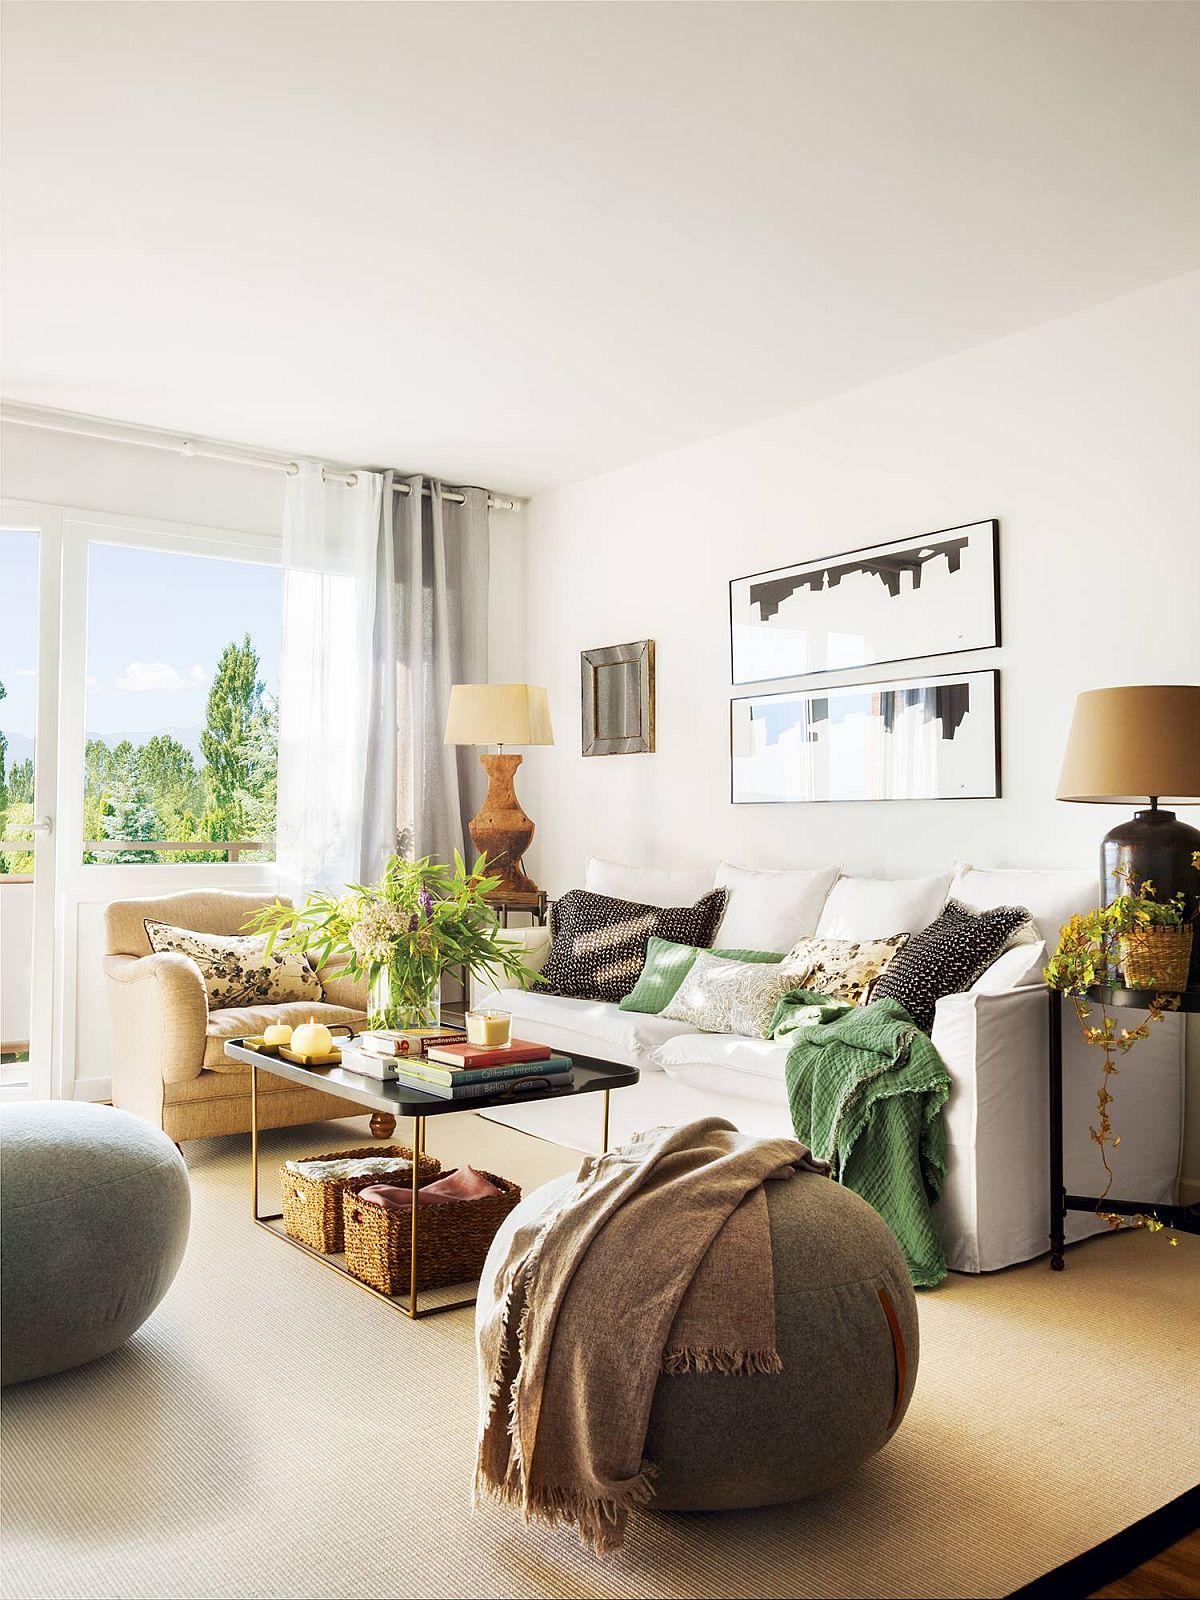 Camera de zi este confortabil ambientată cu locuri de ședere din plin. Pentru senzația de ordine, designerul a prevăzut o așezare simetrică de o parte și de alta a canapelei cu măsuțe și veioze.